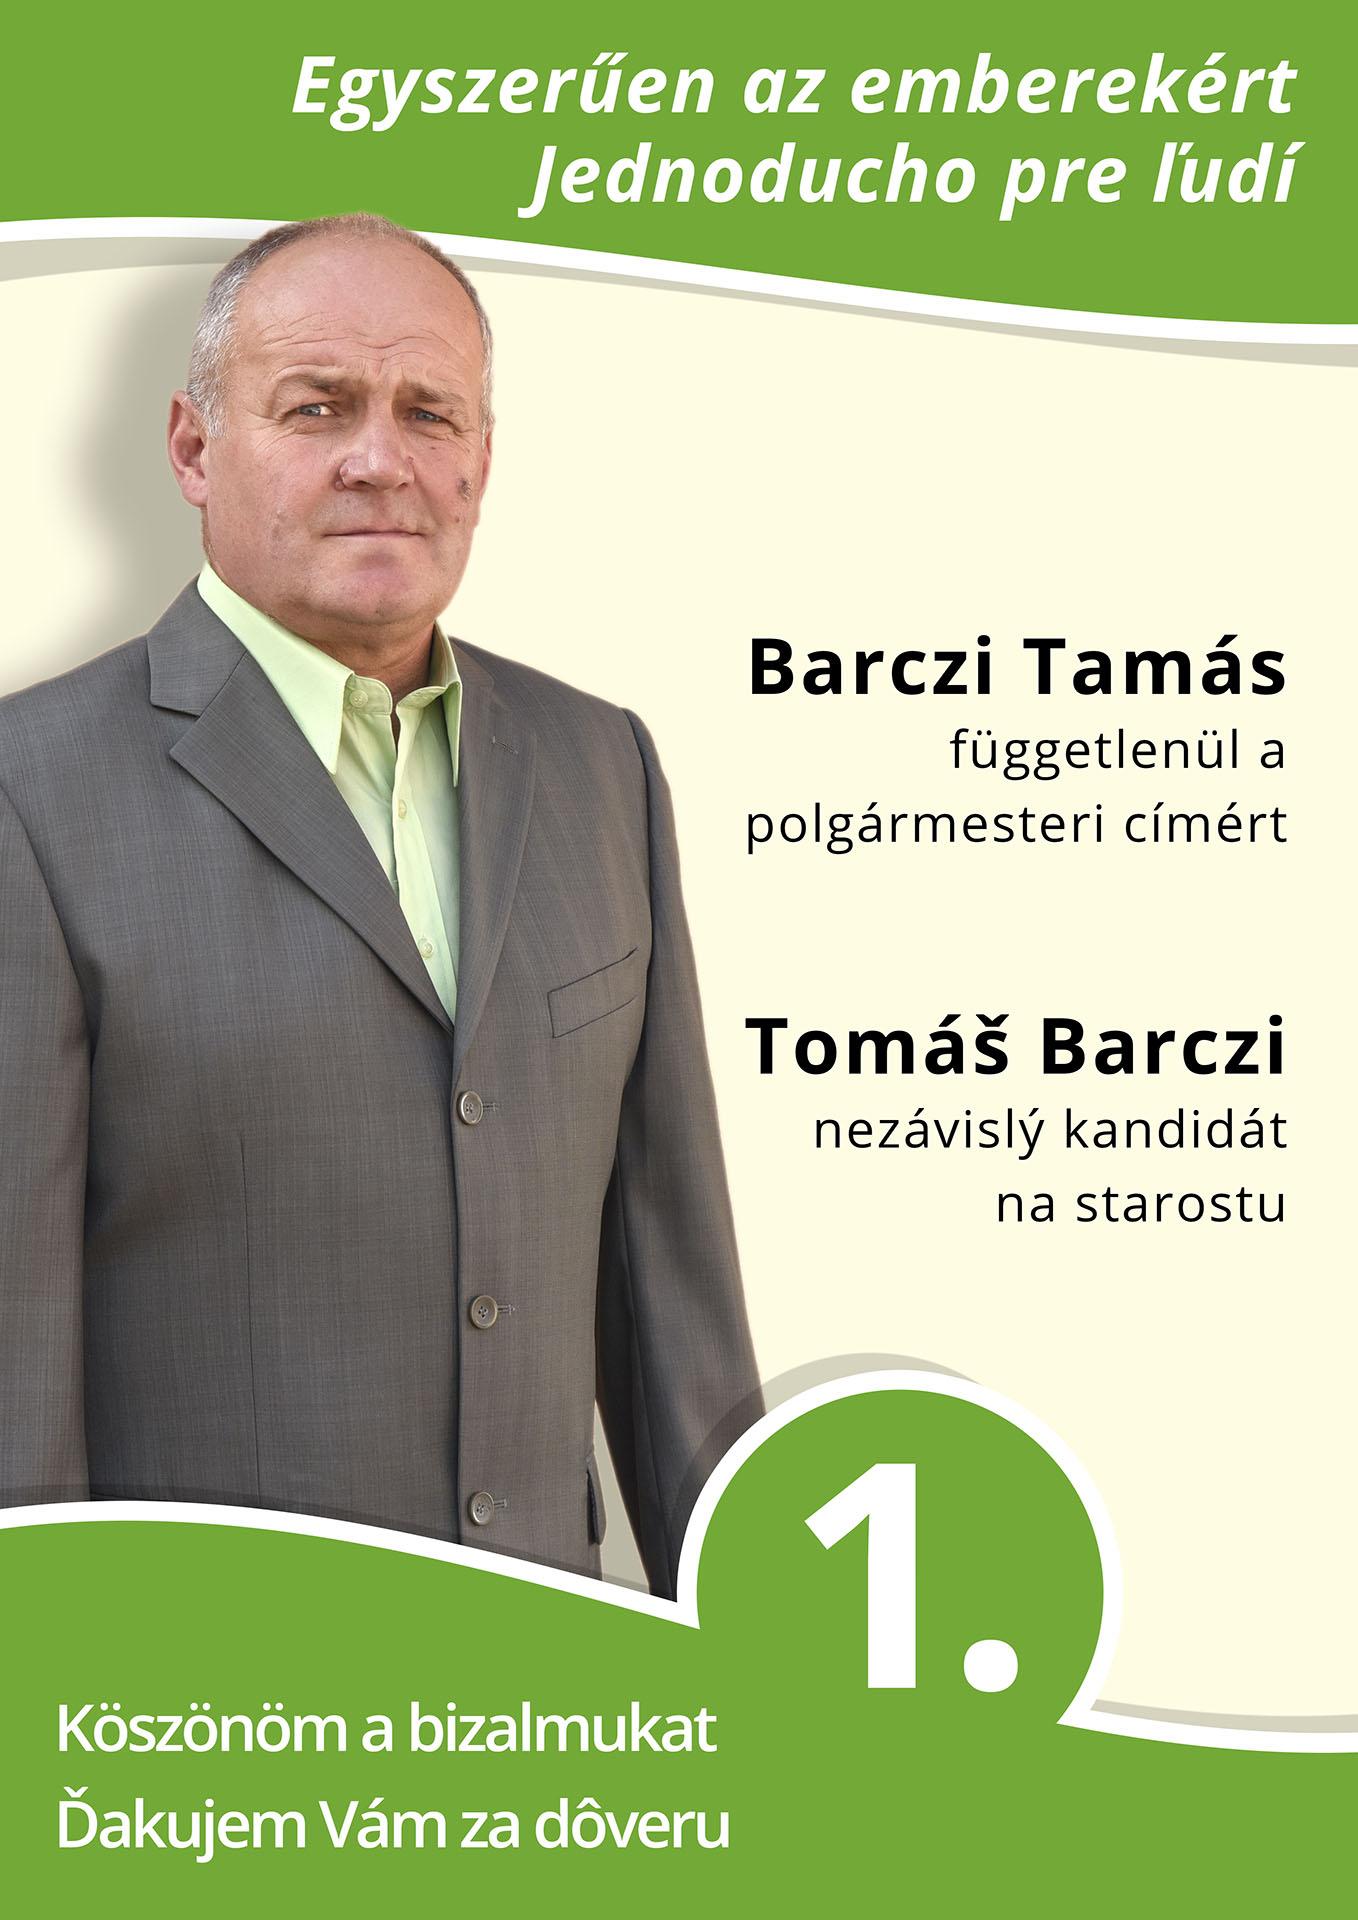 barczi-tamas